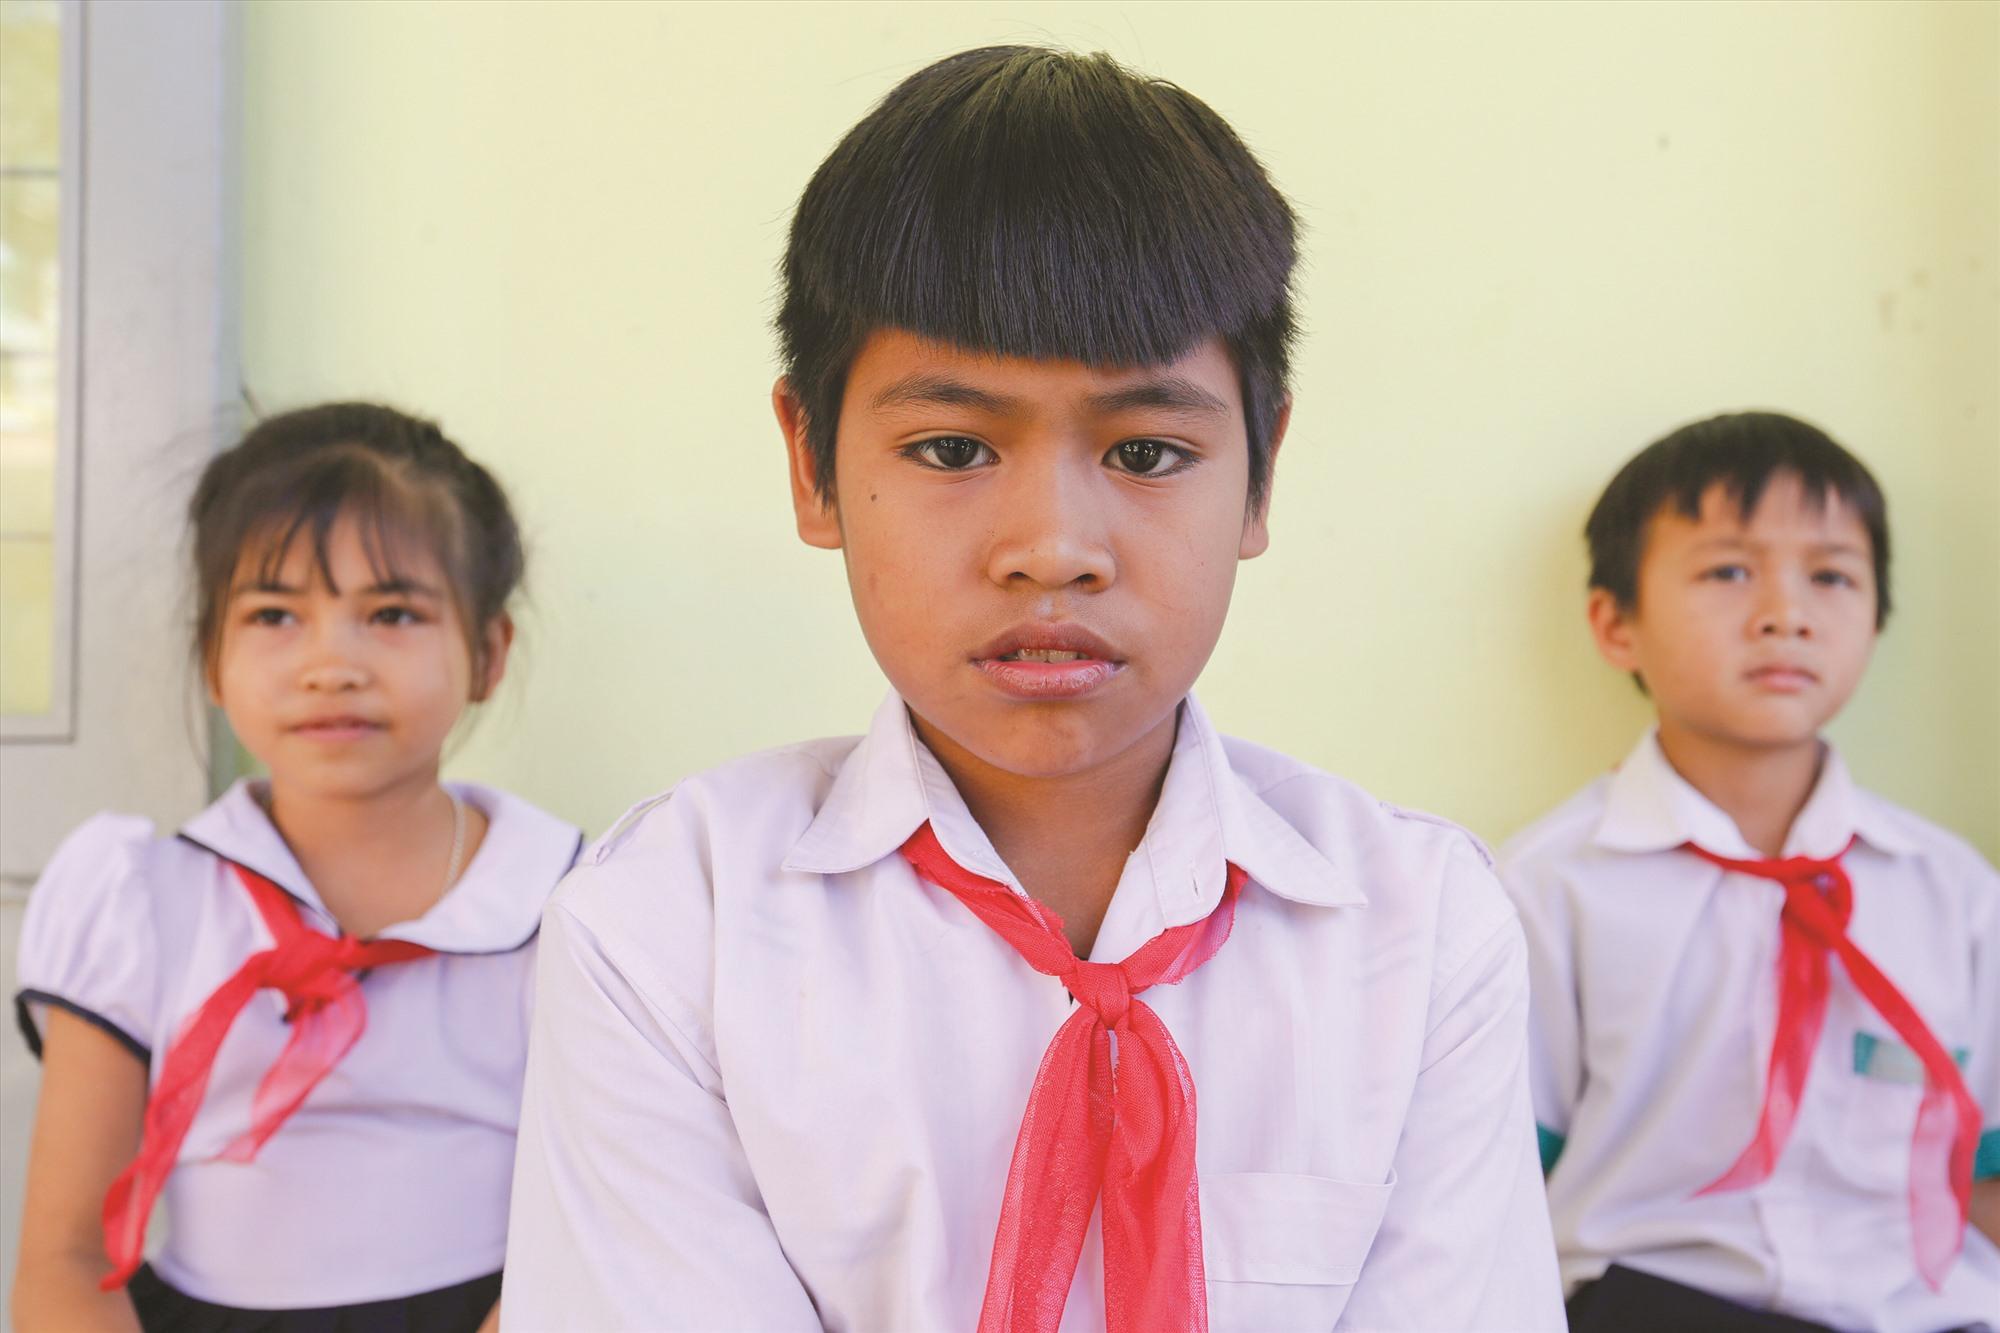 Em Hồ Văn Khánh (giữa), lớp 5 Trường Tiểu học và THCS Phước Thành và hai bạn Hồ Quốc Việt (lớp 4b), Hồ Thị Út Hường (lớp 4a) ước mơ có được mái nhà trước tết. Trong đợt thiên tai cuối tháng 10, gia đình các em đều mất nhà.